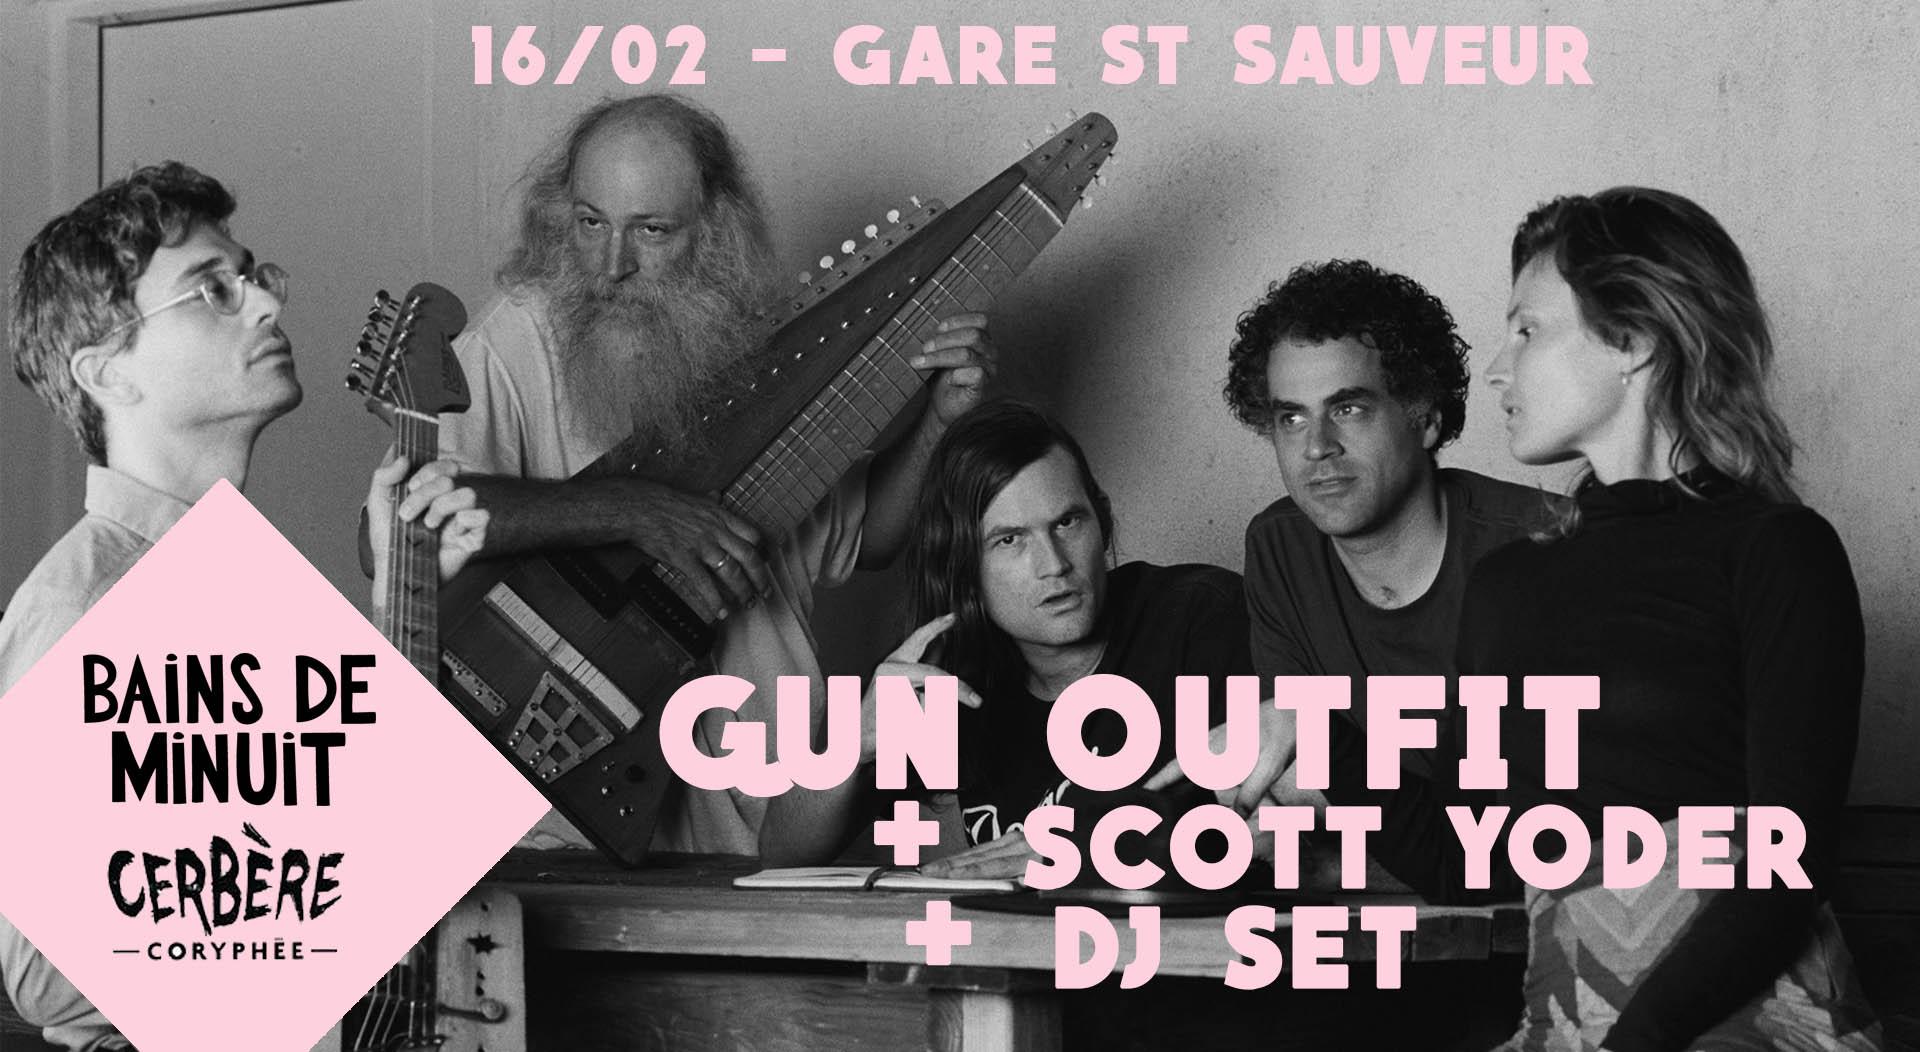 16/02 – GUN OUTFIT (us) + Scott Yoder (us) + Dj / La Gare Saint Sauveur, Lille